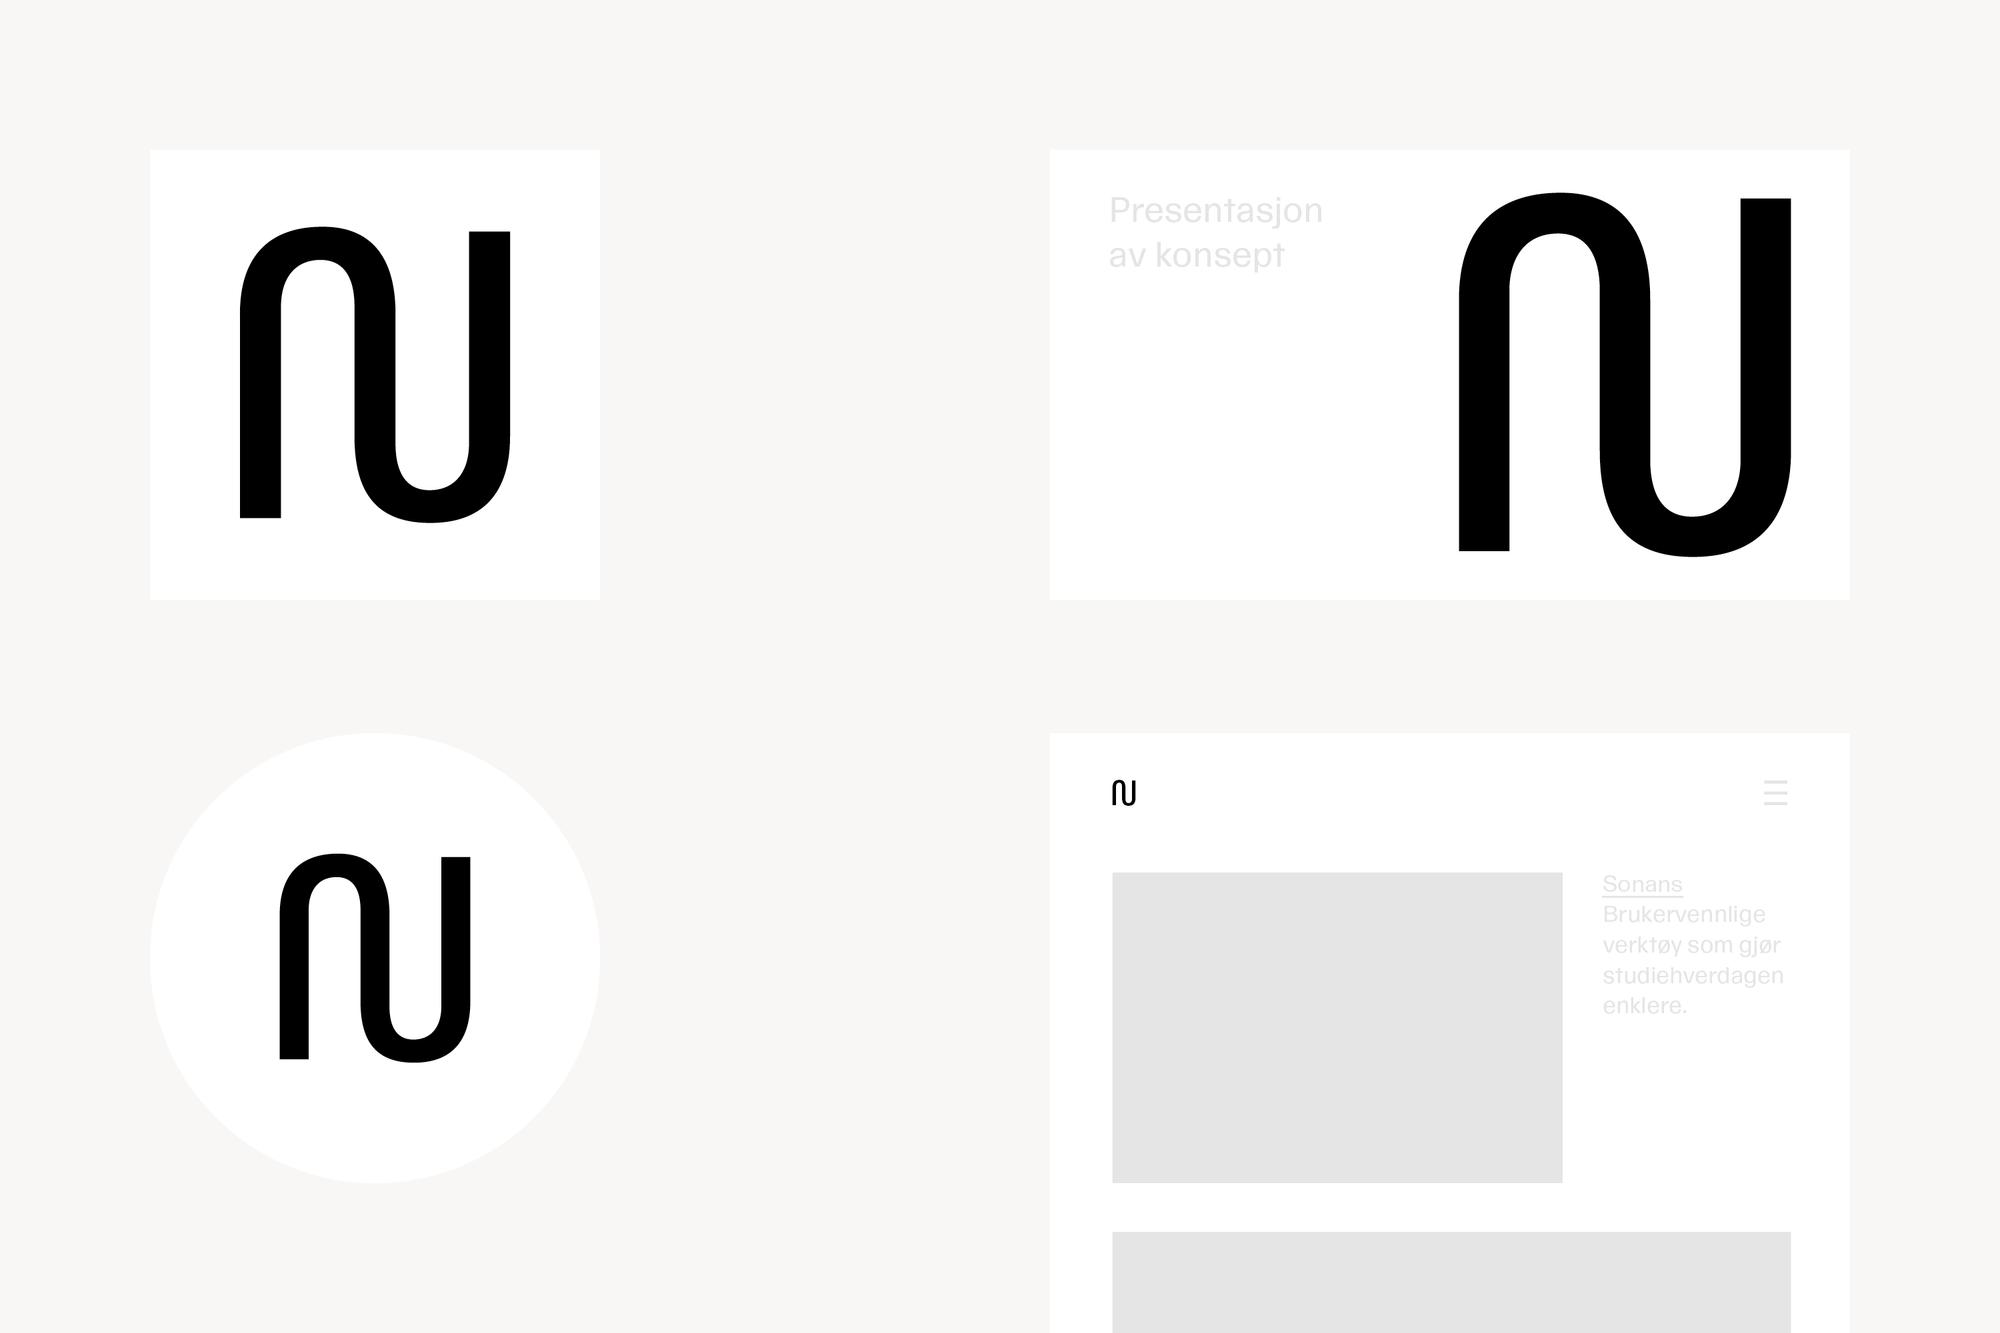 Logosymbolet N i bruk